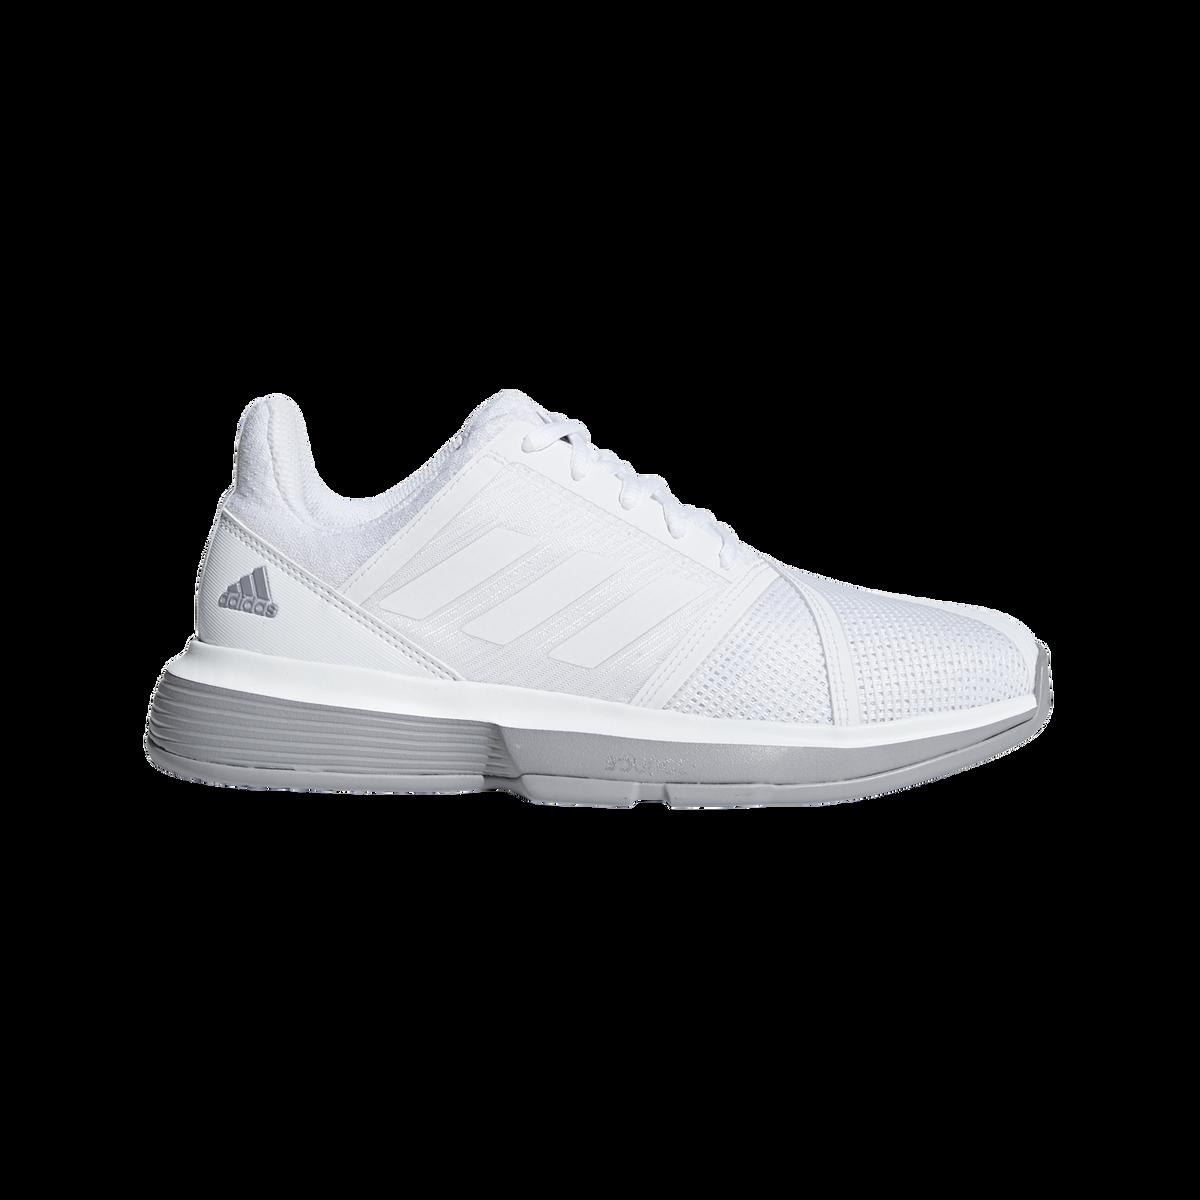 f5cd4195153da adidas CourtJam Bounce Women s Tennis Shoe - White Grey